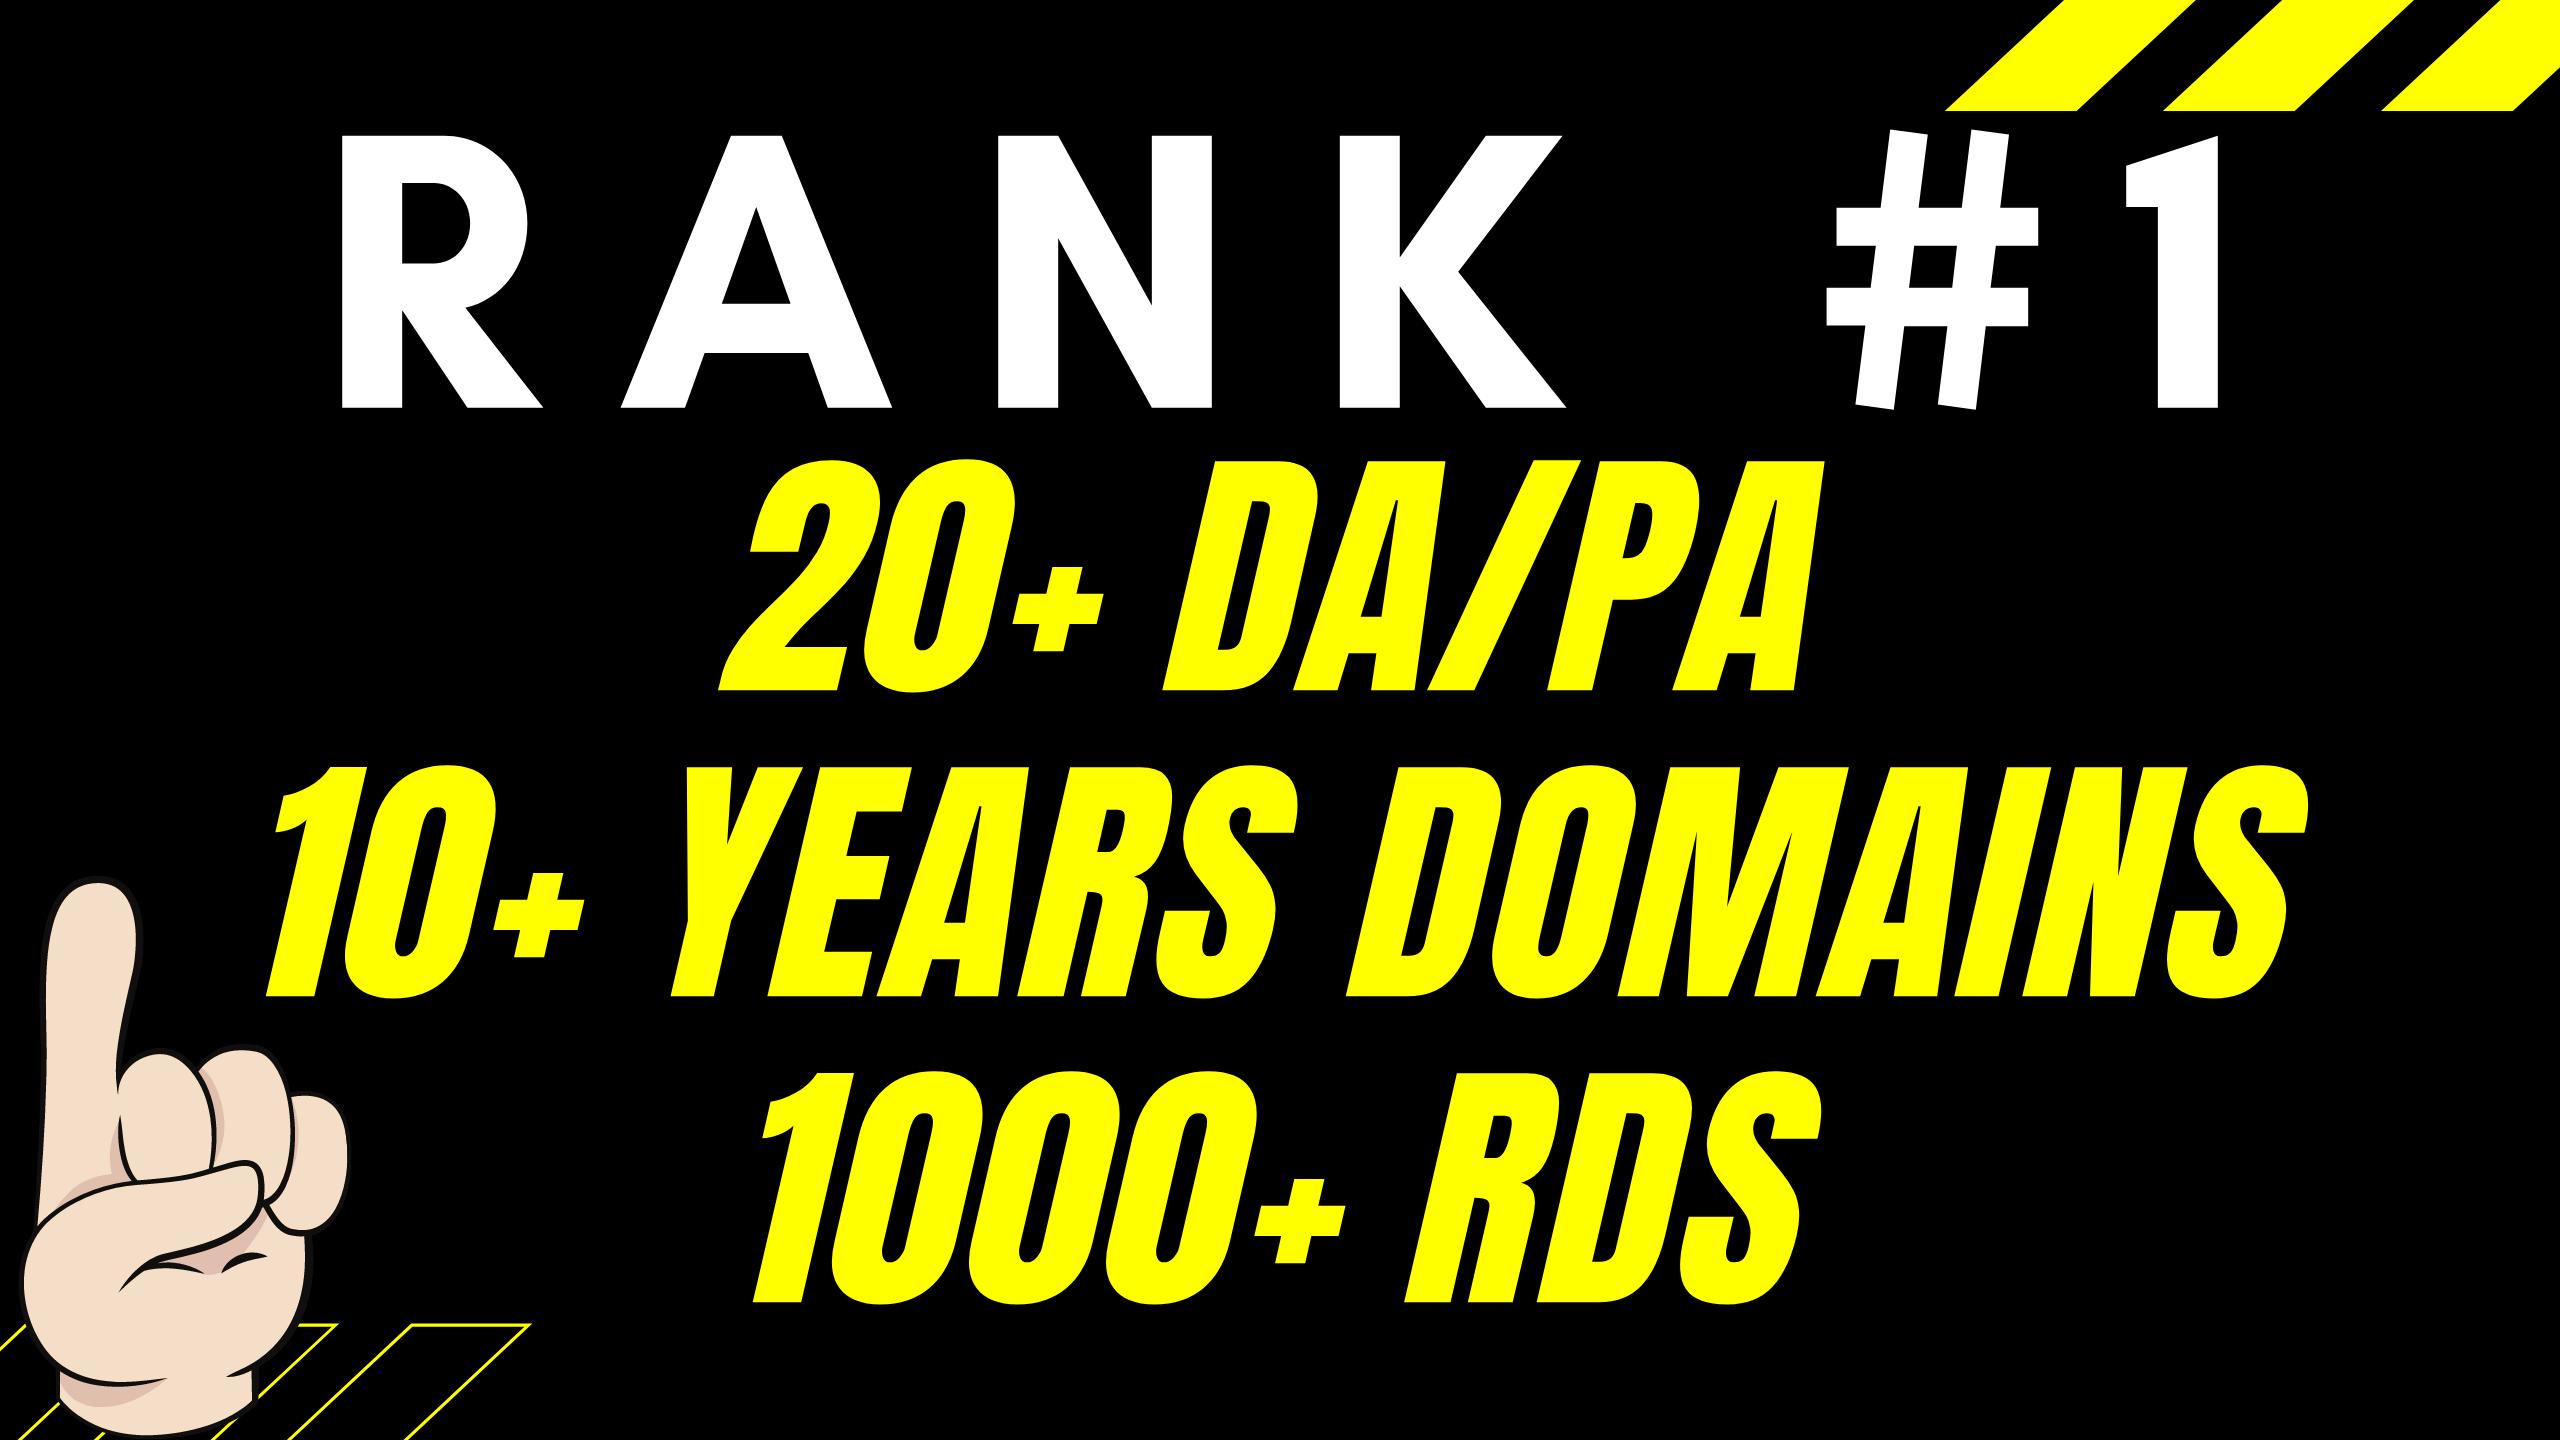 Rank 1 With 25+ Authority High DA PBN Links